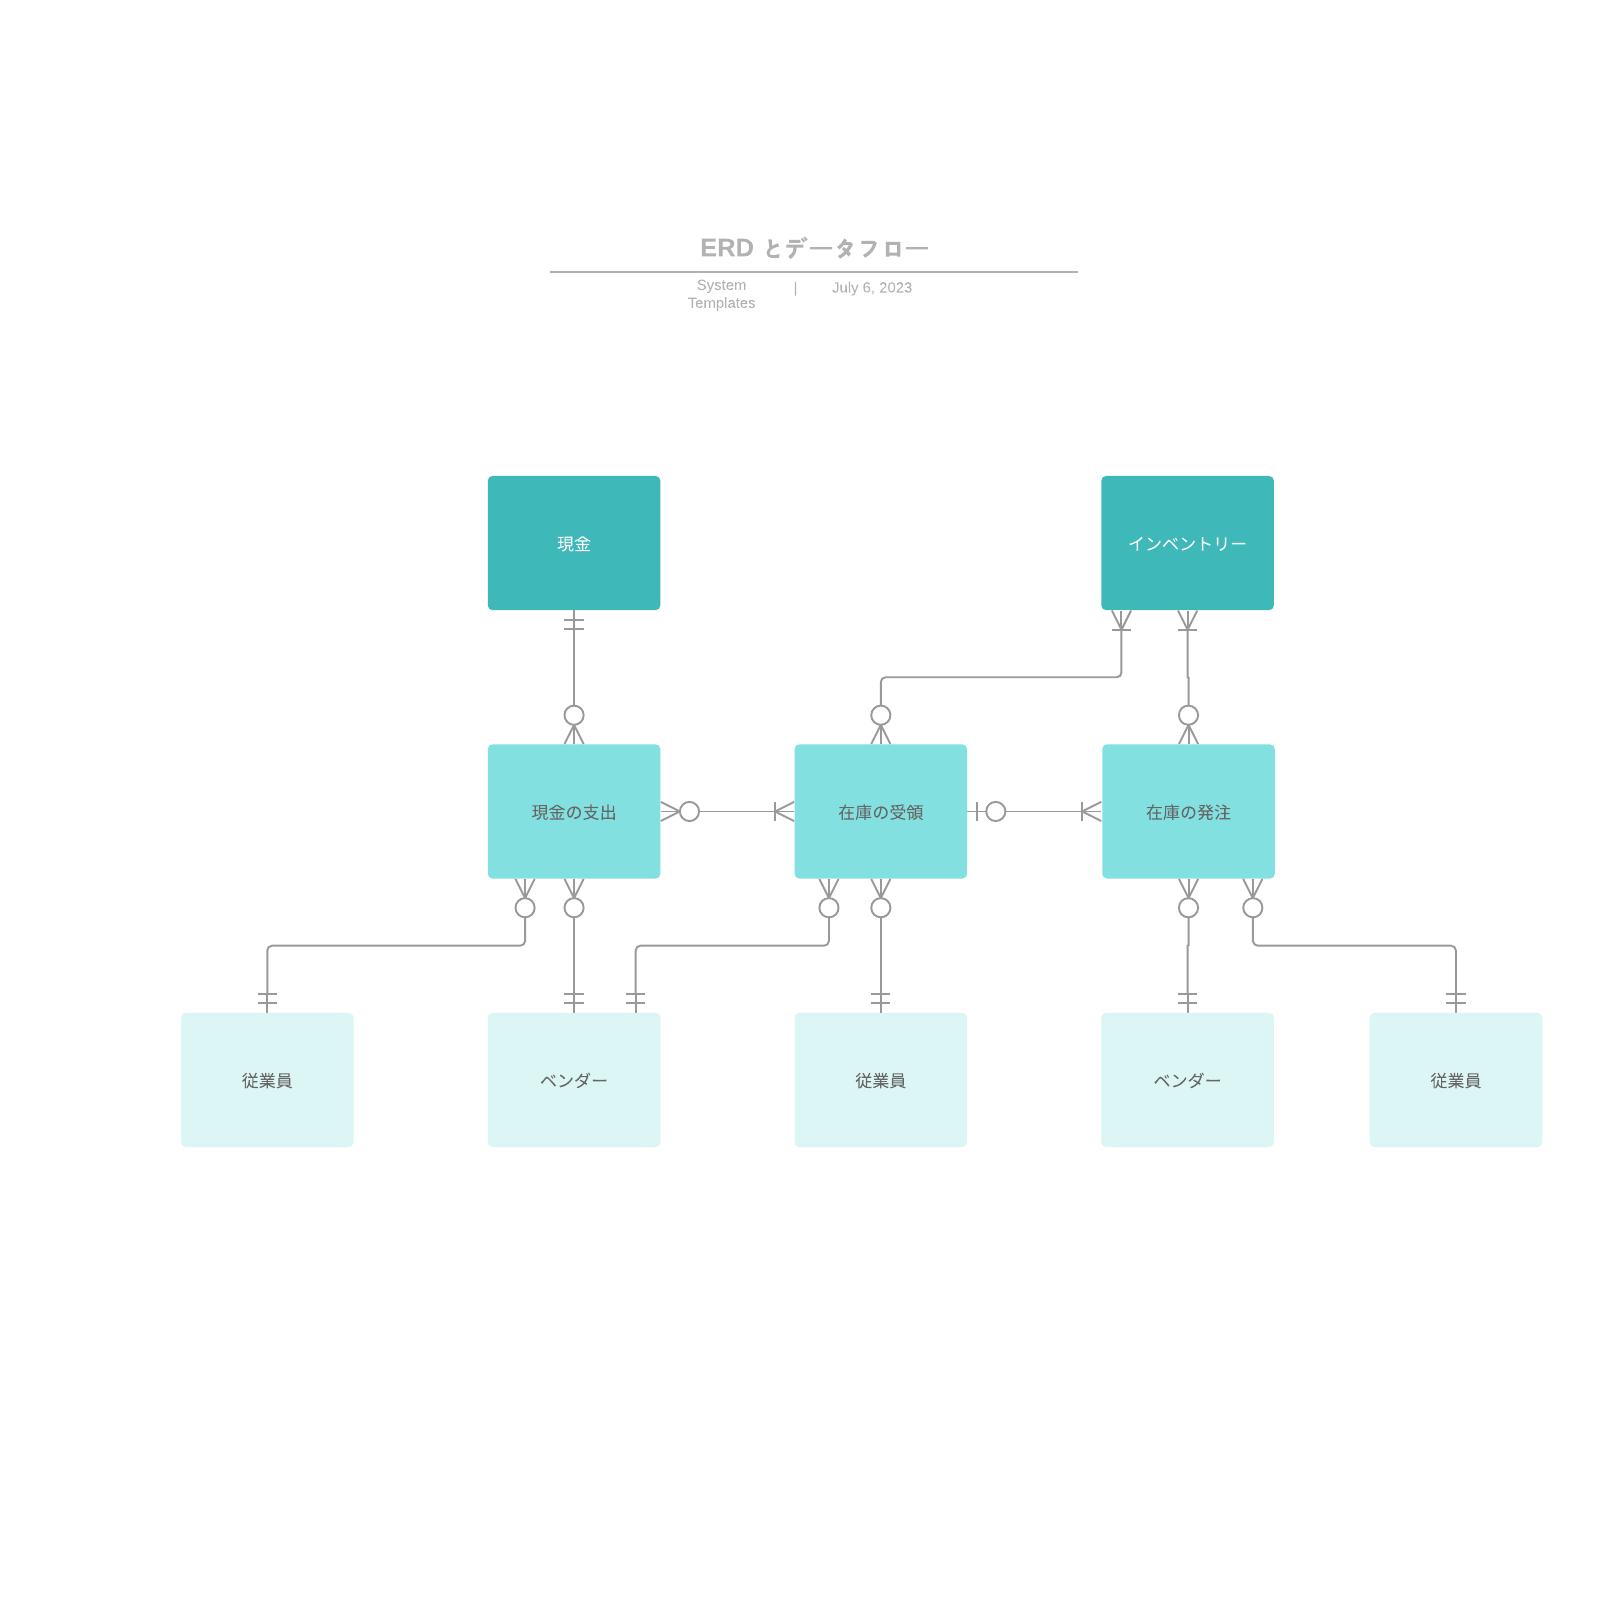 ER図とデータフローテンプレート